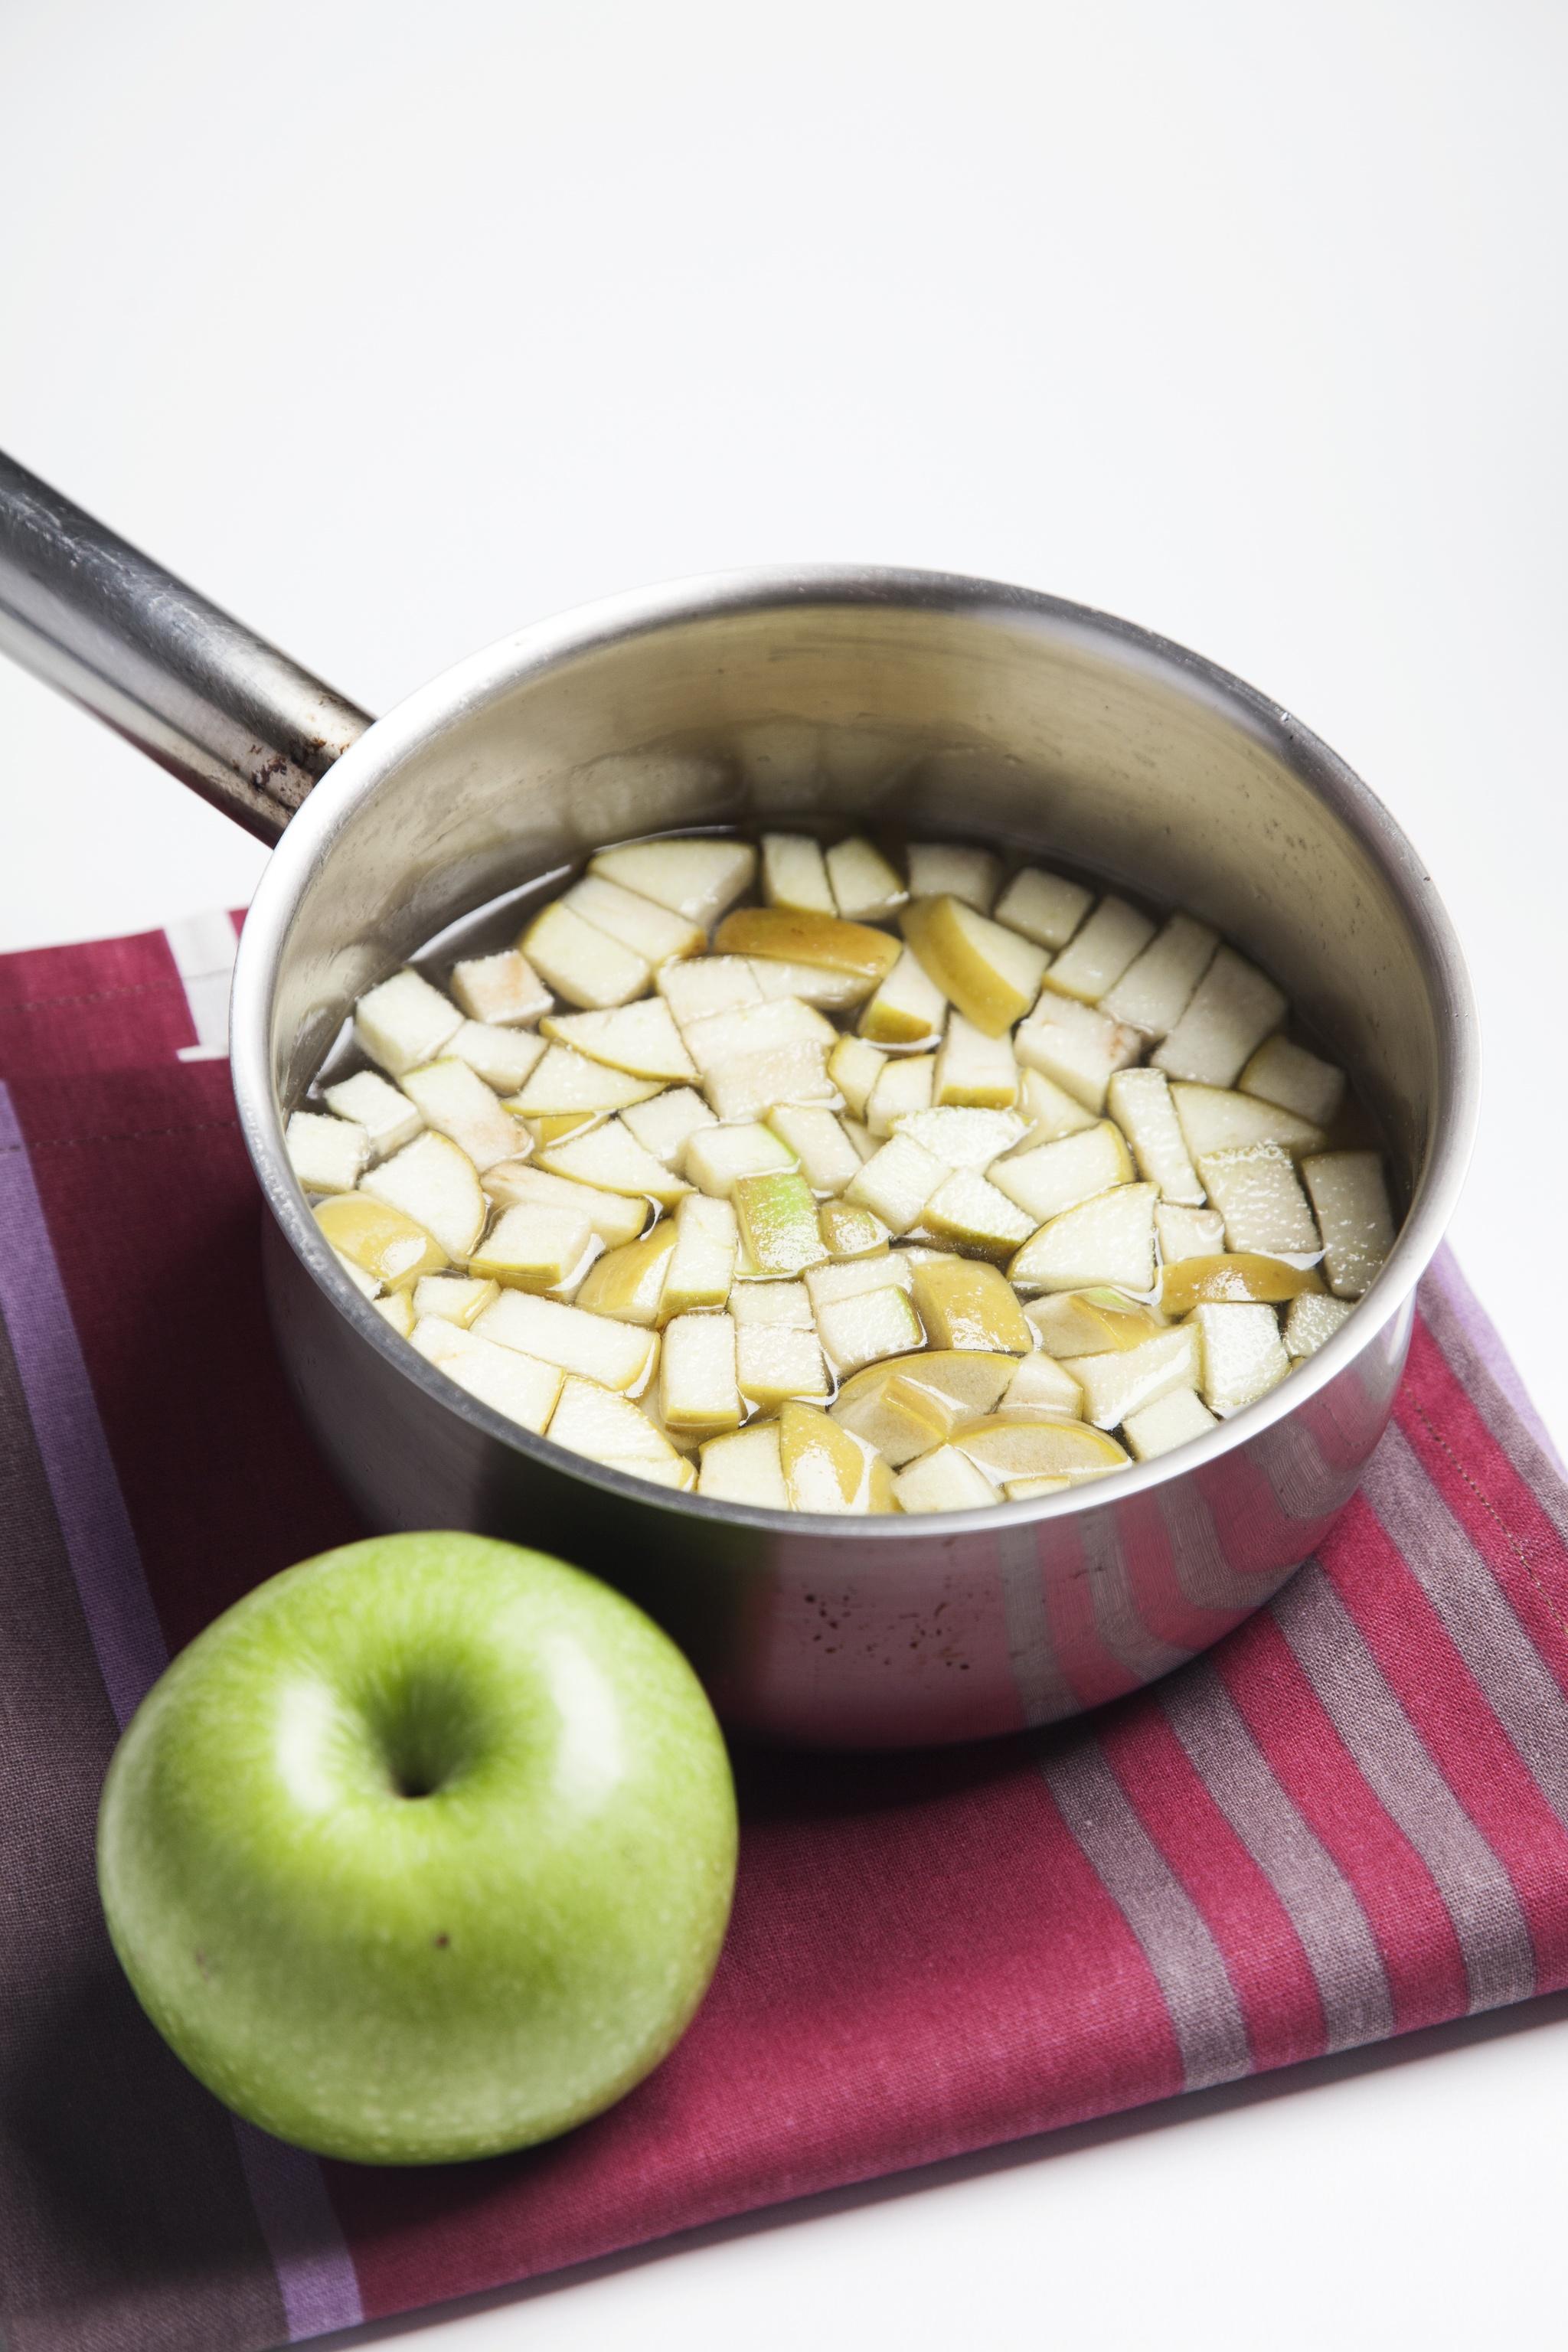 Las manzanas se ponen a cocer una vez que las ciruelas y orejones ya están tiernos.